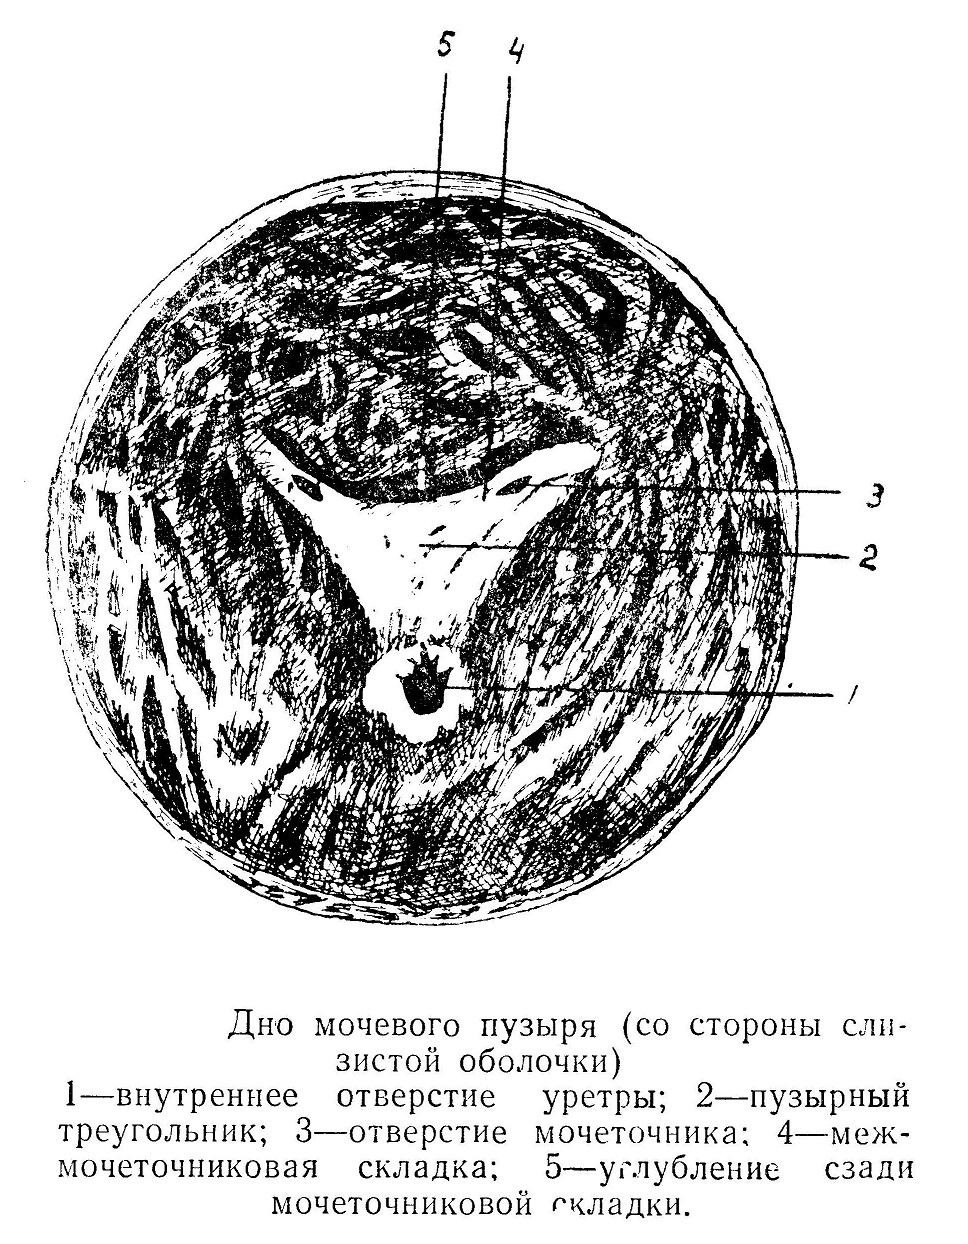 Дно мочевого пузыря (со стороны слизистой оболочки)